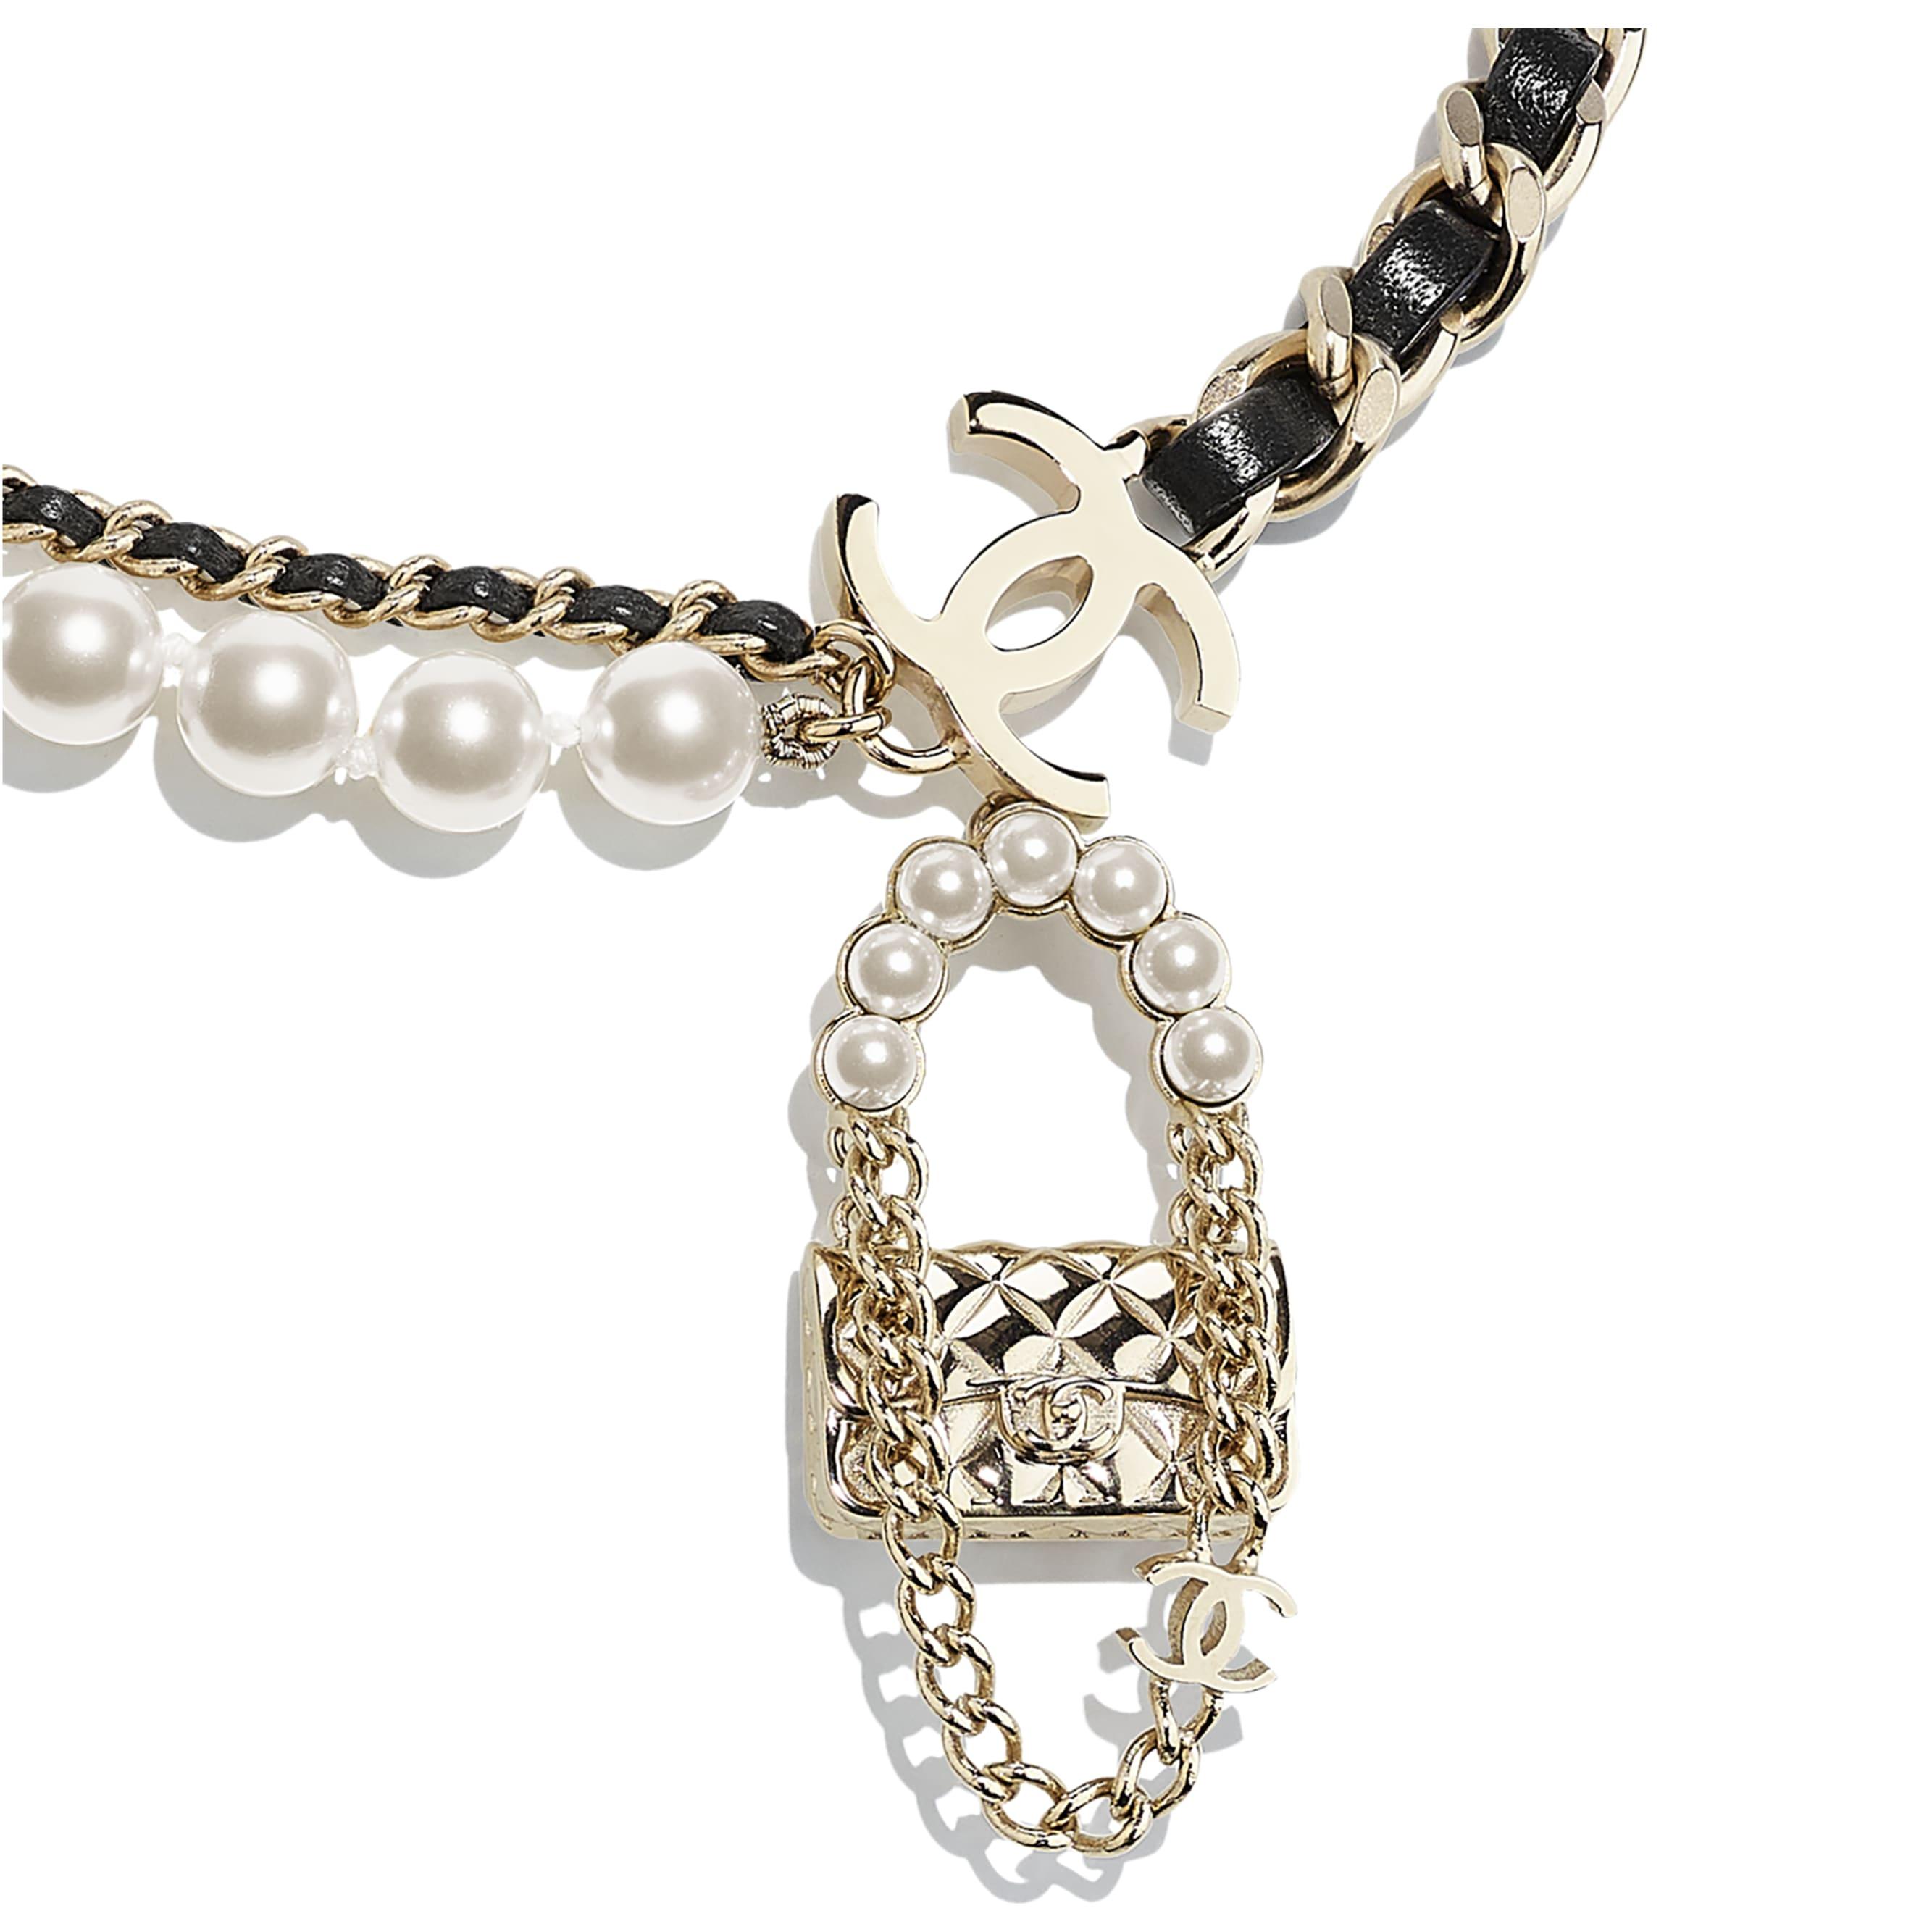 Collana - Oro, nero & bianco perlato - Metallo, pelle di agnello & perle in pasta di vetro - CHANEL - Altra immagine - vedere versione standard